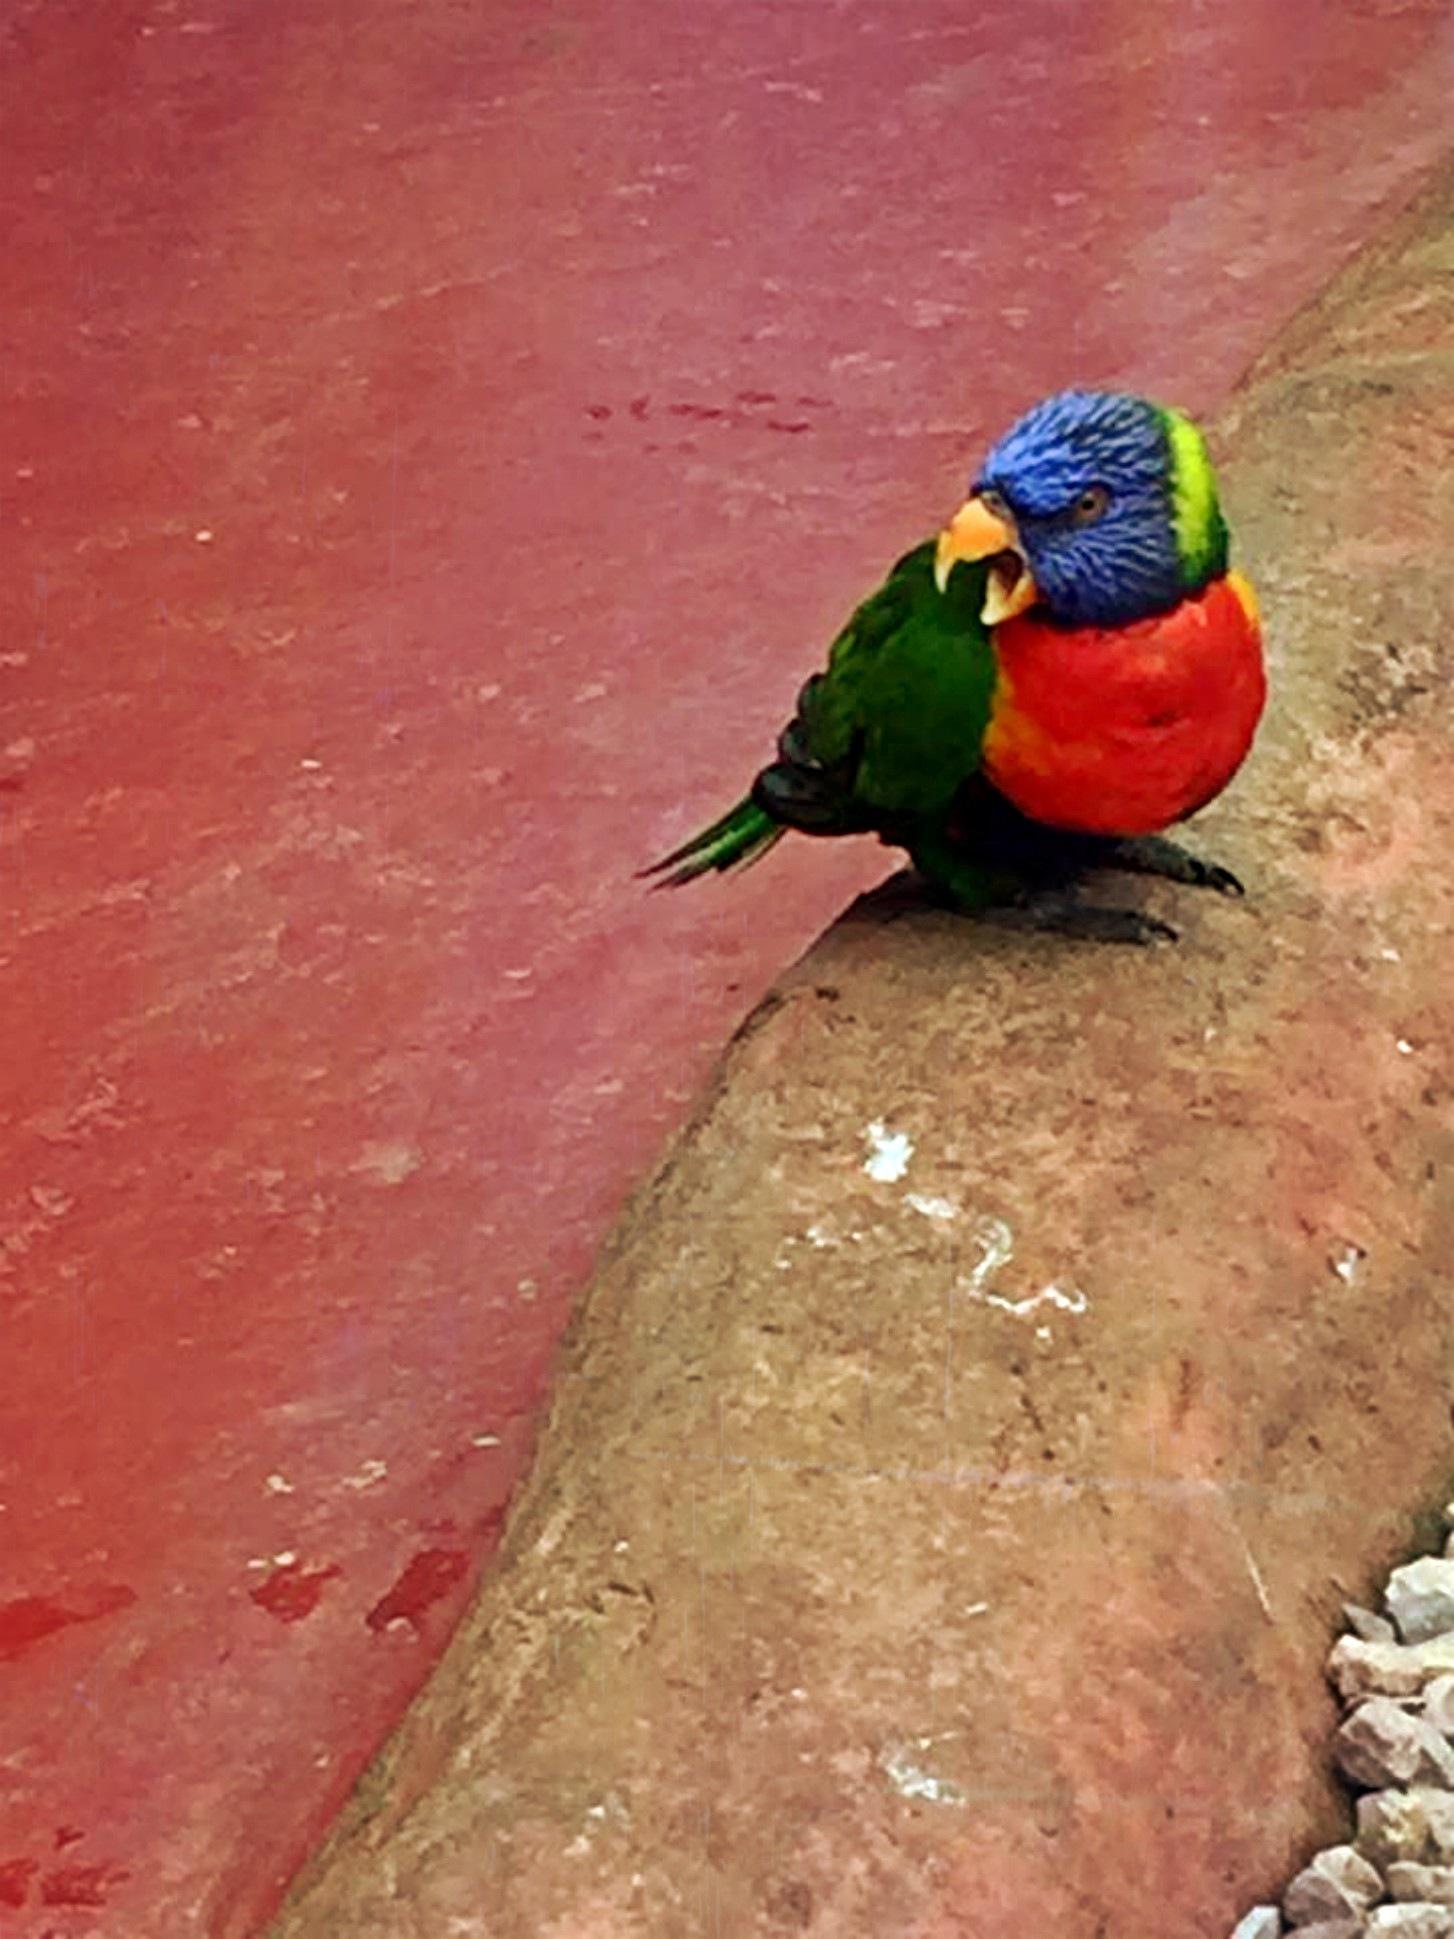 Parrot by Monique van Ruiven